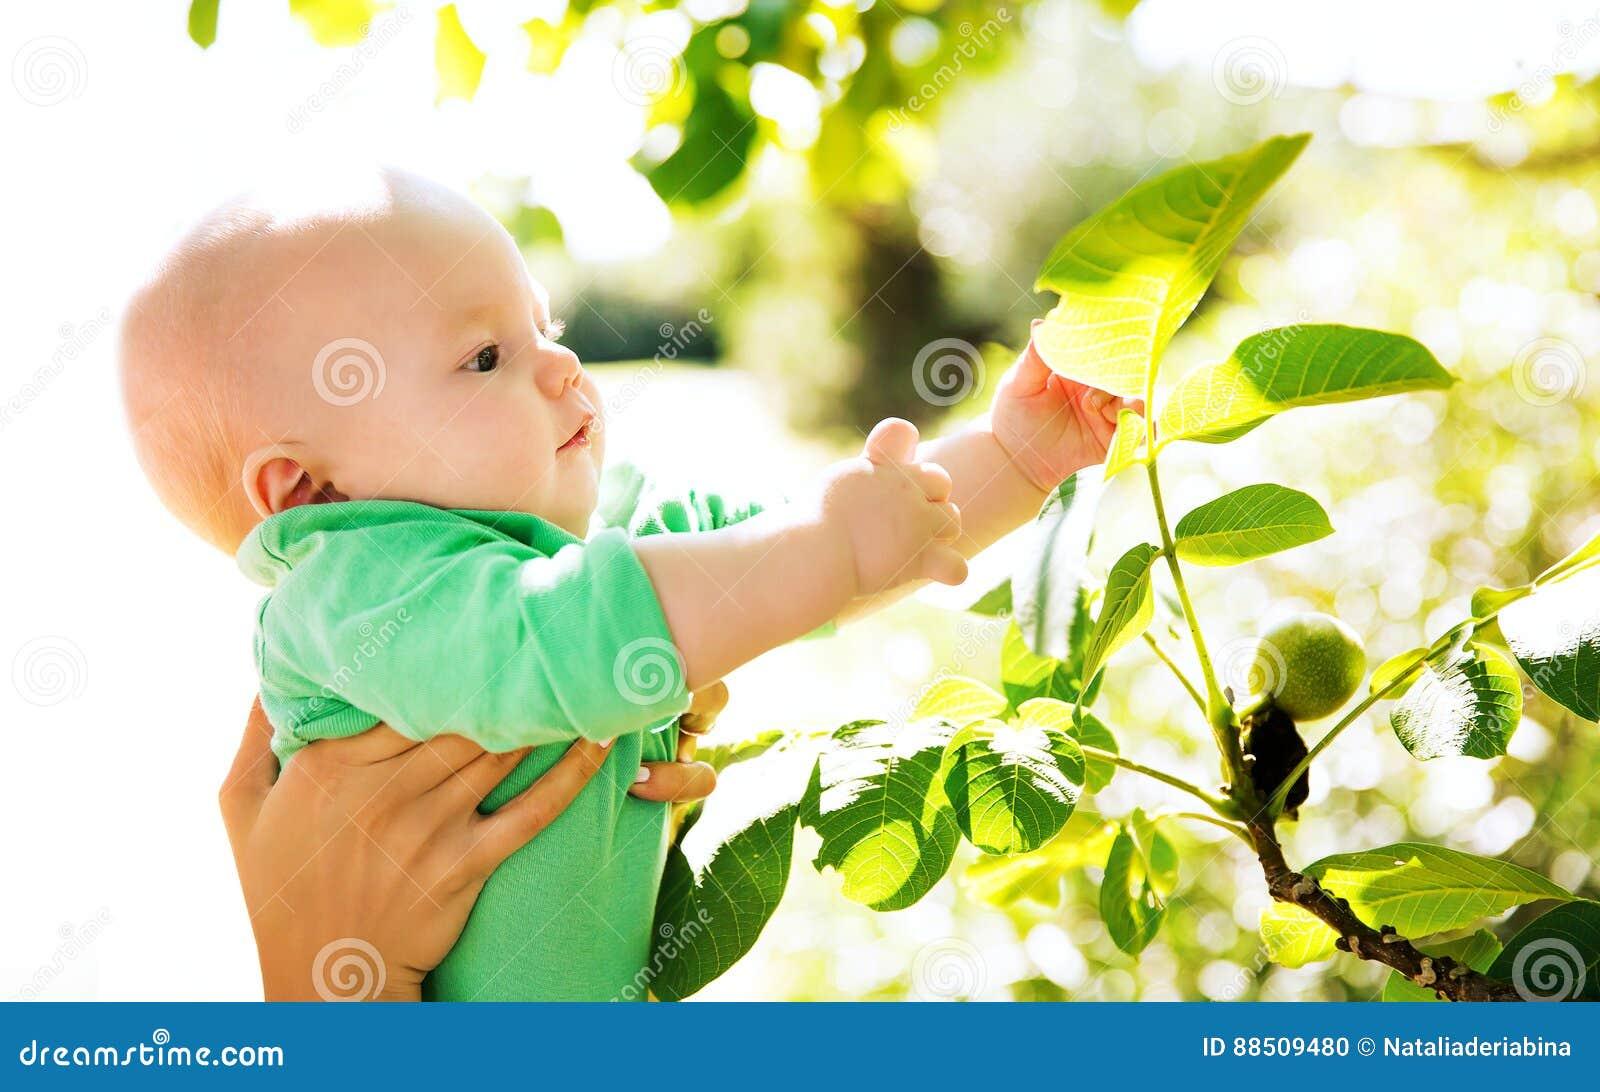 Descoberta da natureza pelo bebê